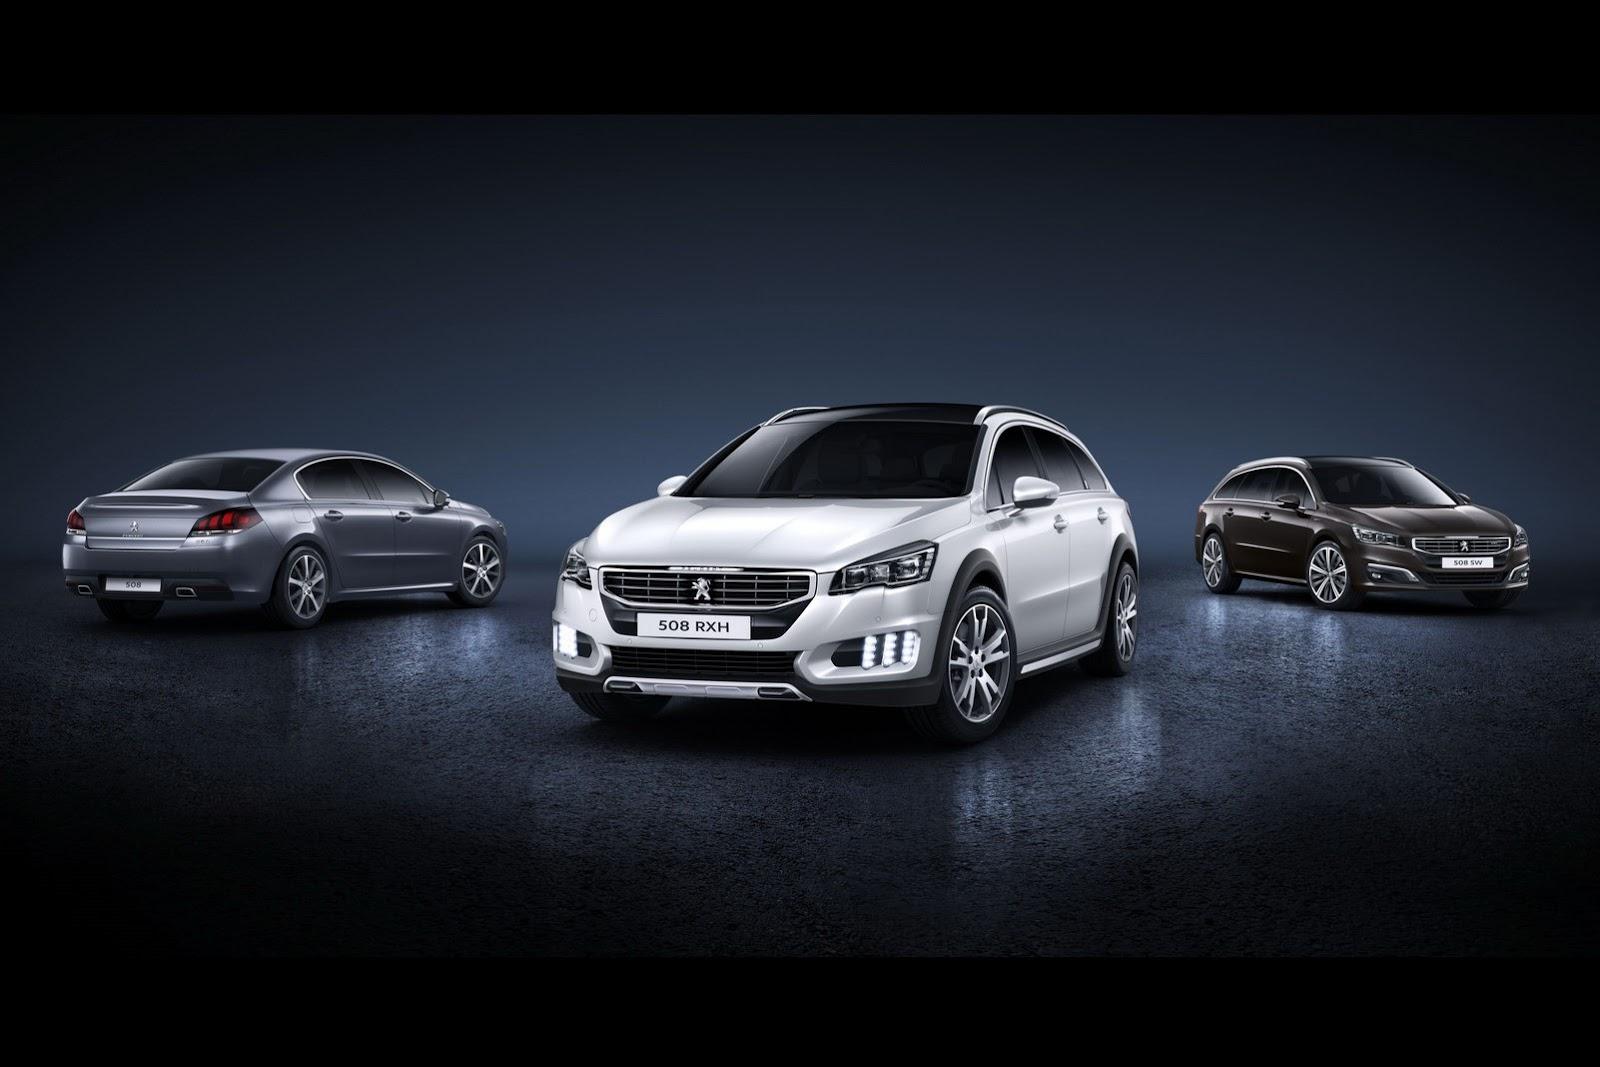 2015-Peugeot-508-1%25255B2%25255D.jpg